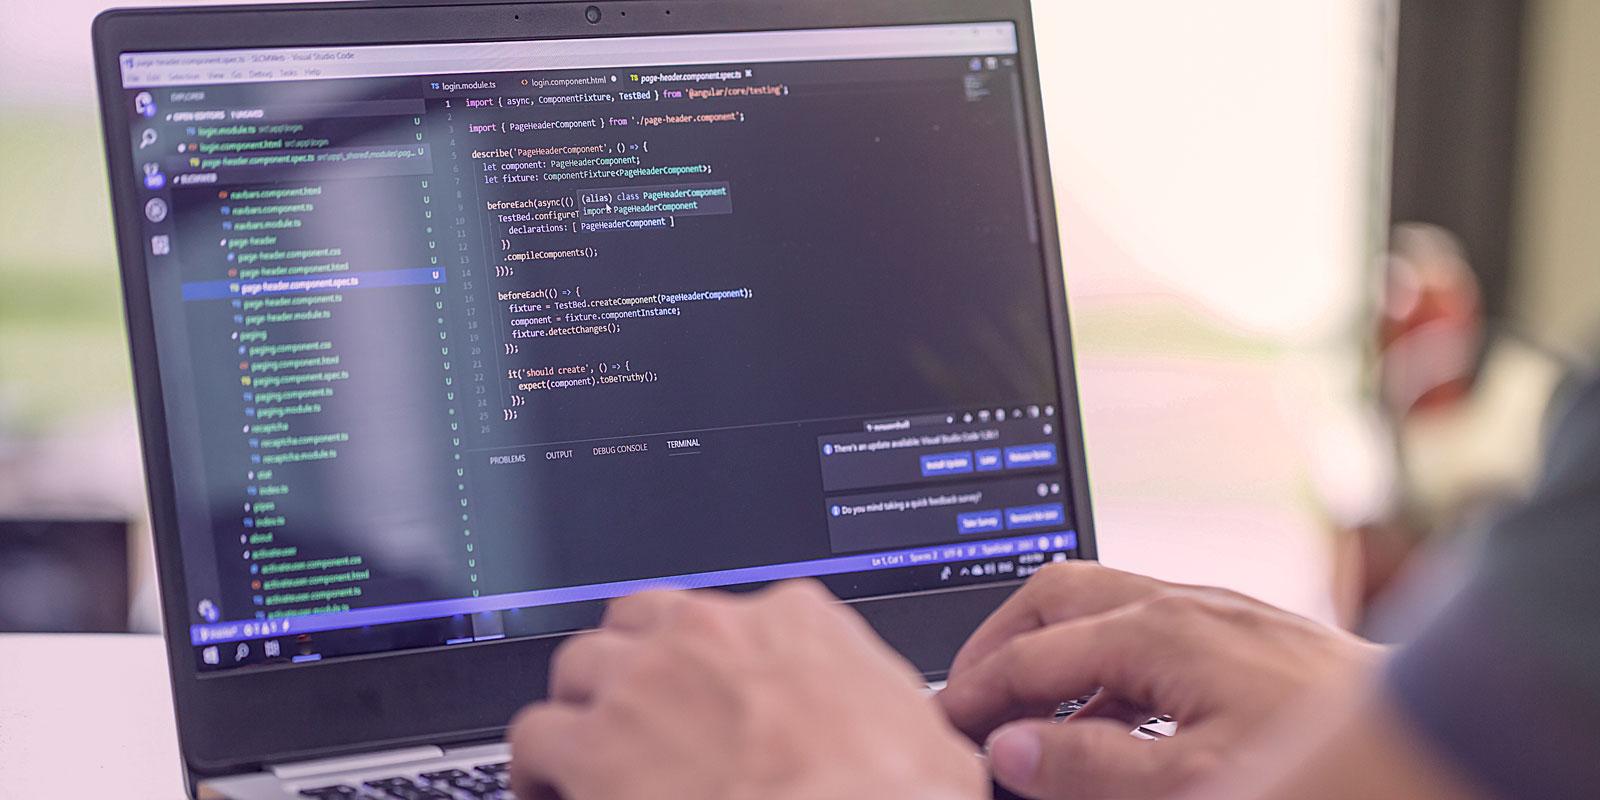 Laptop geöffnet mit Development-Programm